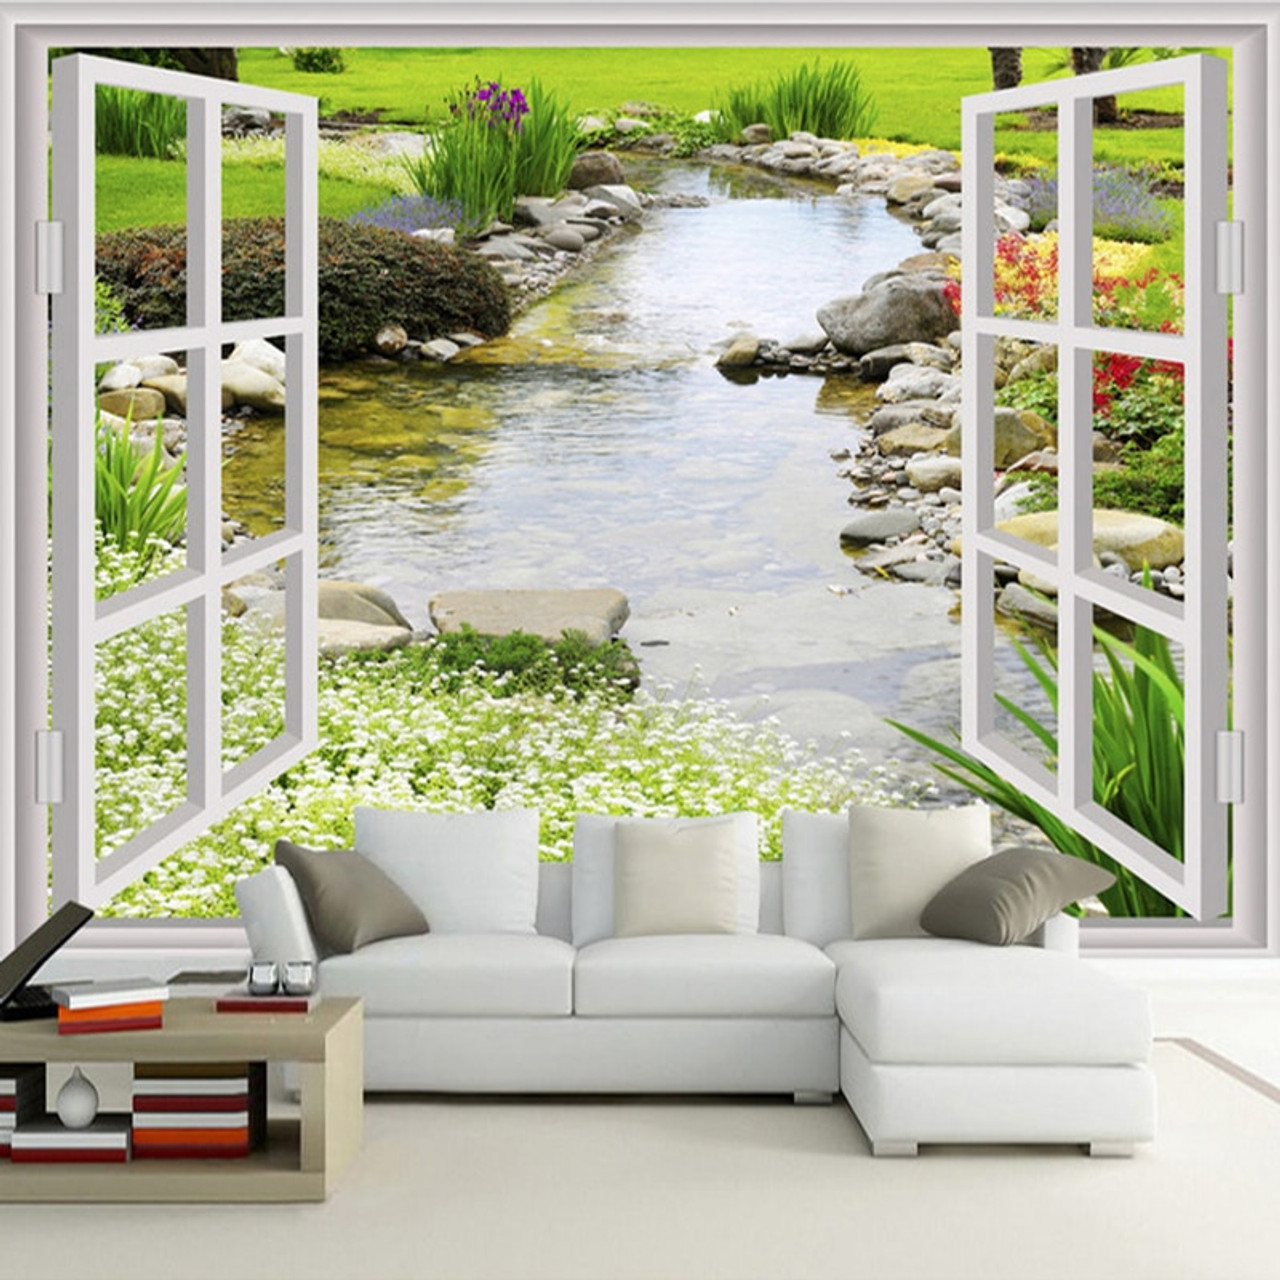 Custom Wall Mural Wallpaper Modern Simple 3d Window Garden Small